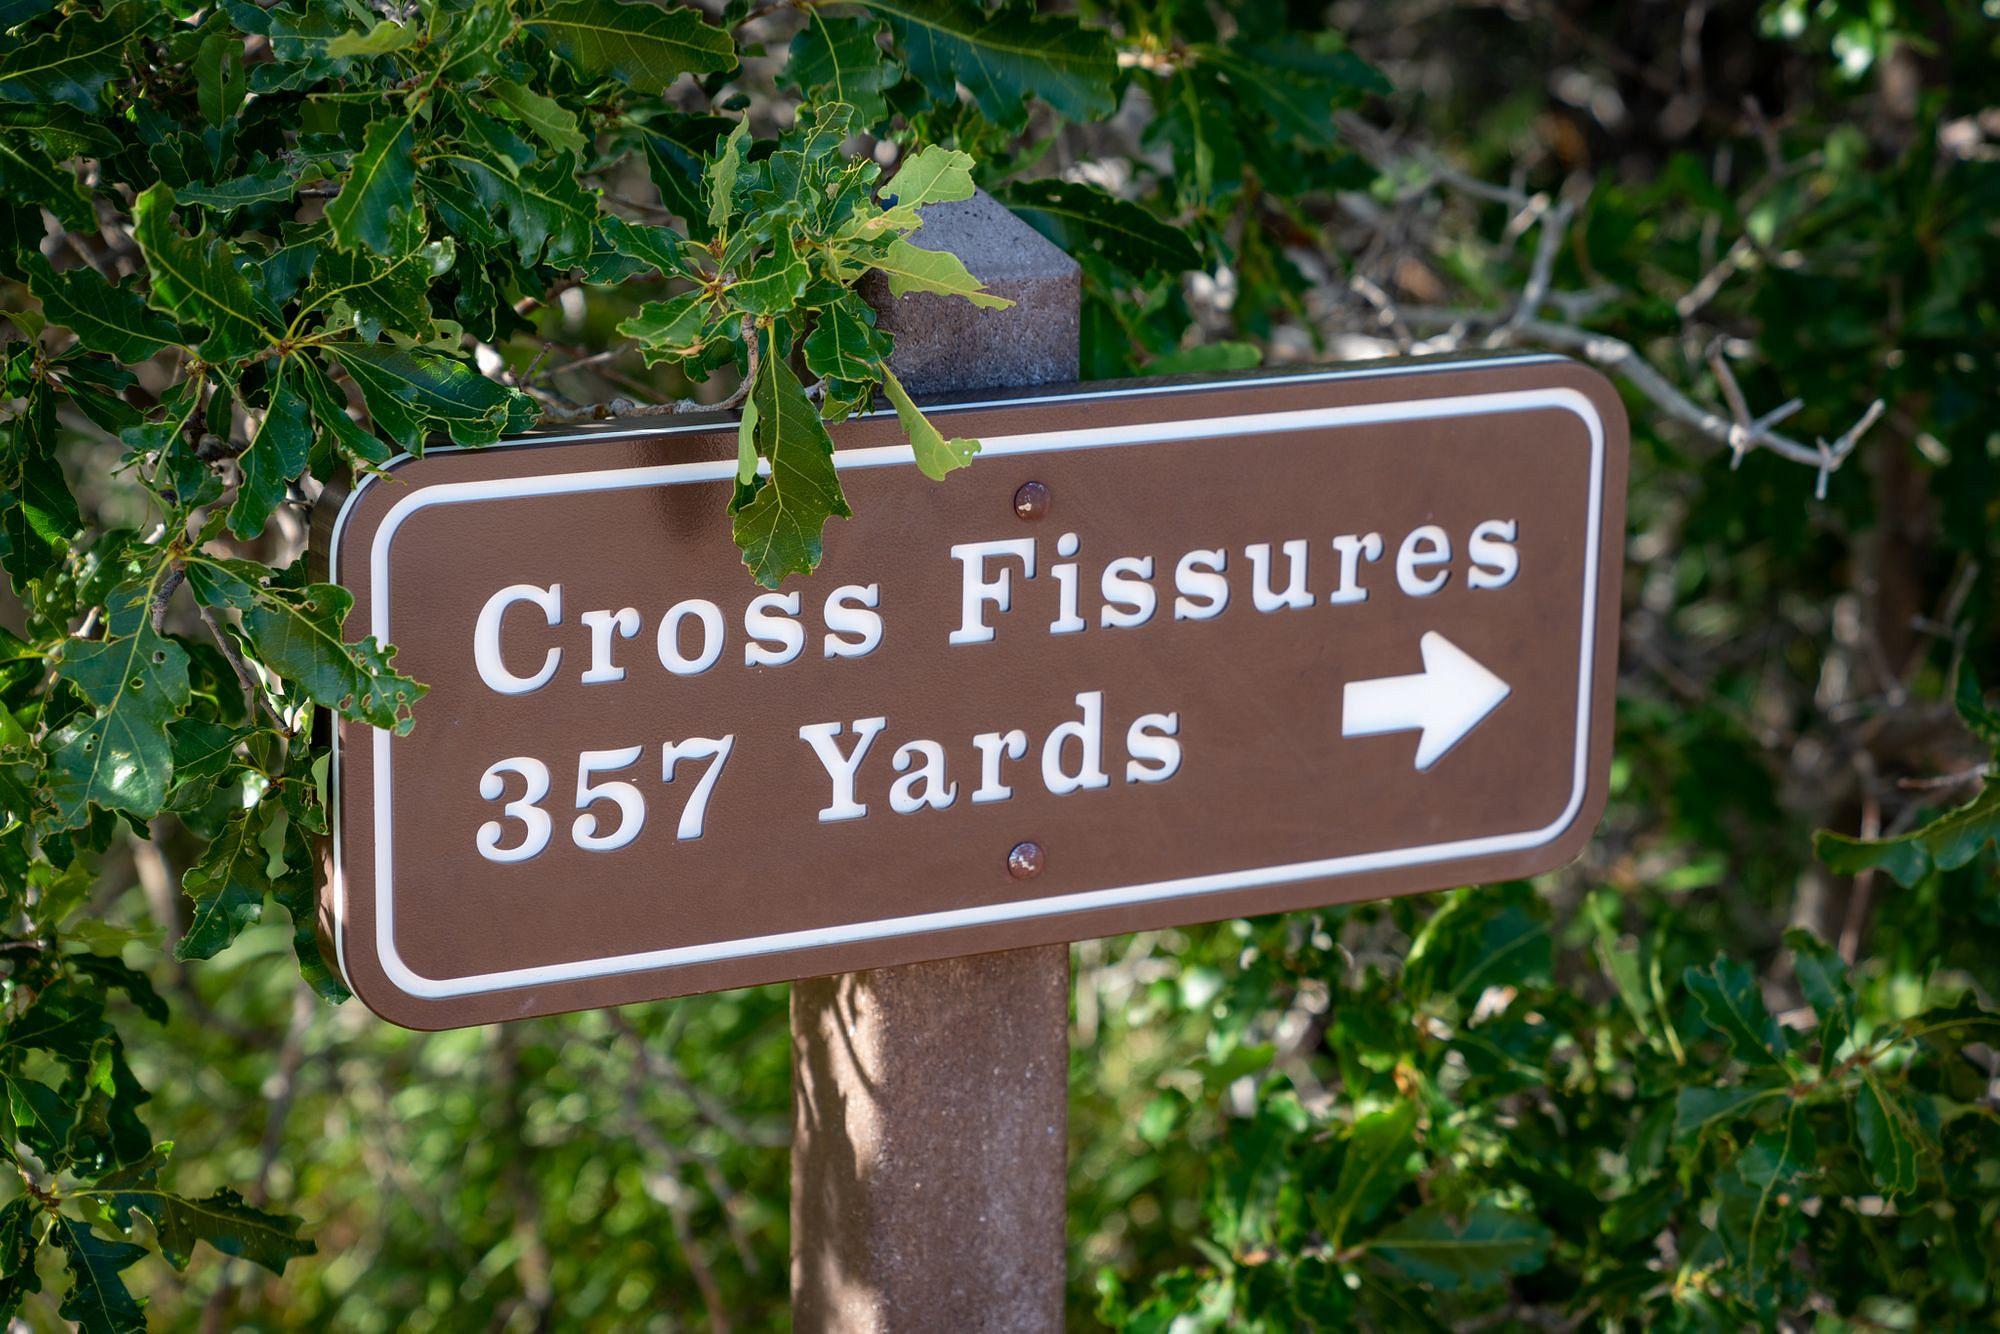 Cross Fissures